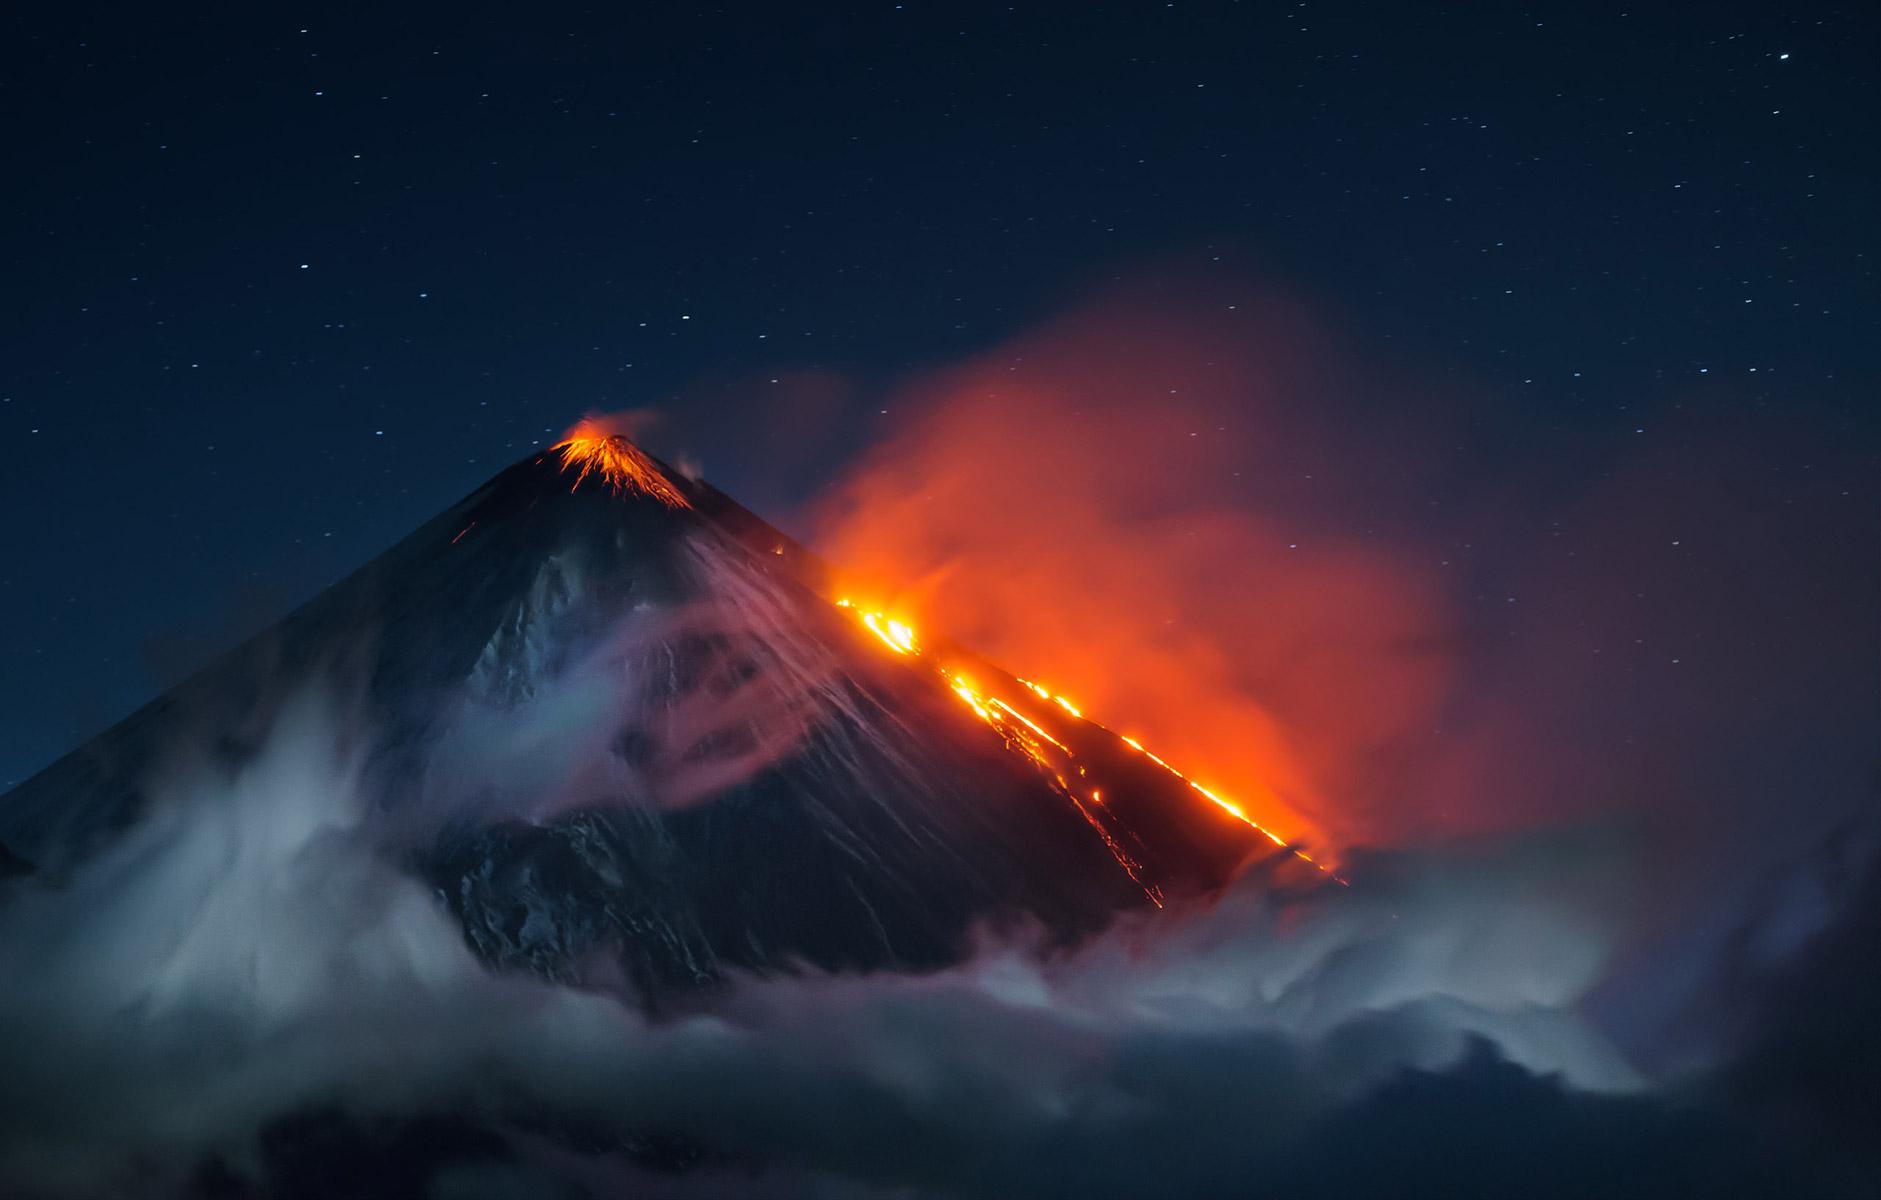 Огненное дыхание планеты, © Владимир Войчук, Победитель, Фотоконкурс «Золотая Черепаха»